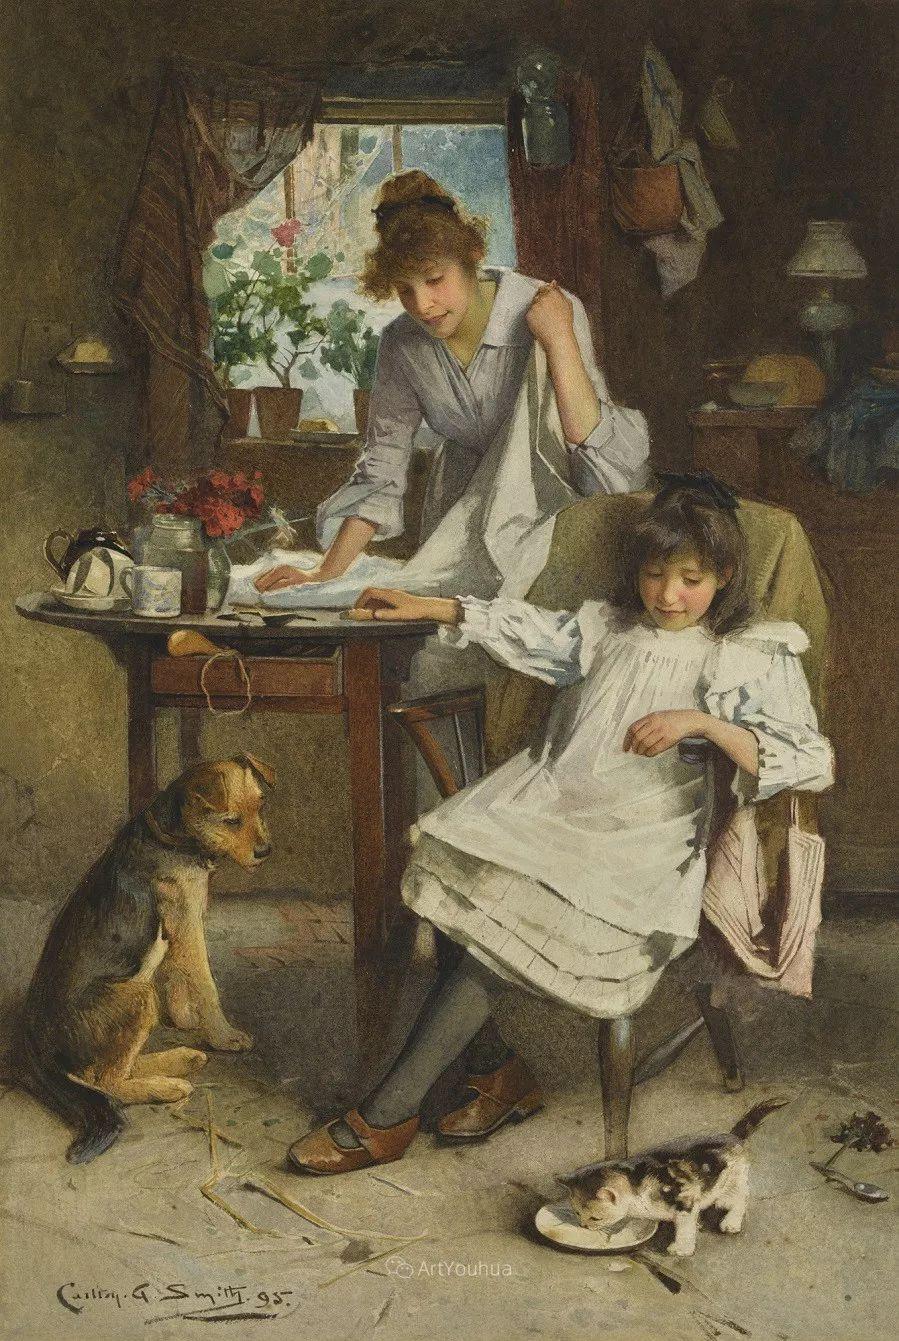 19世纪后期家庭生活场景,英国艺术家Carlton Alfred Smith插图3